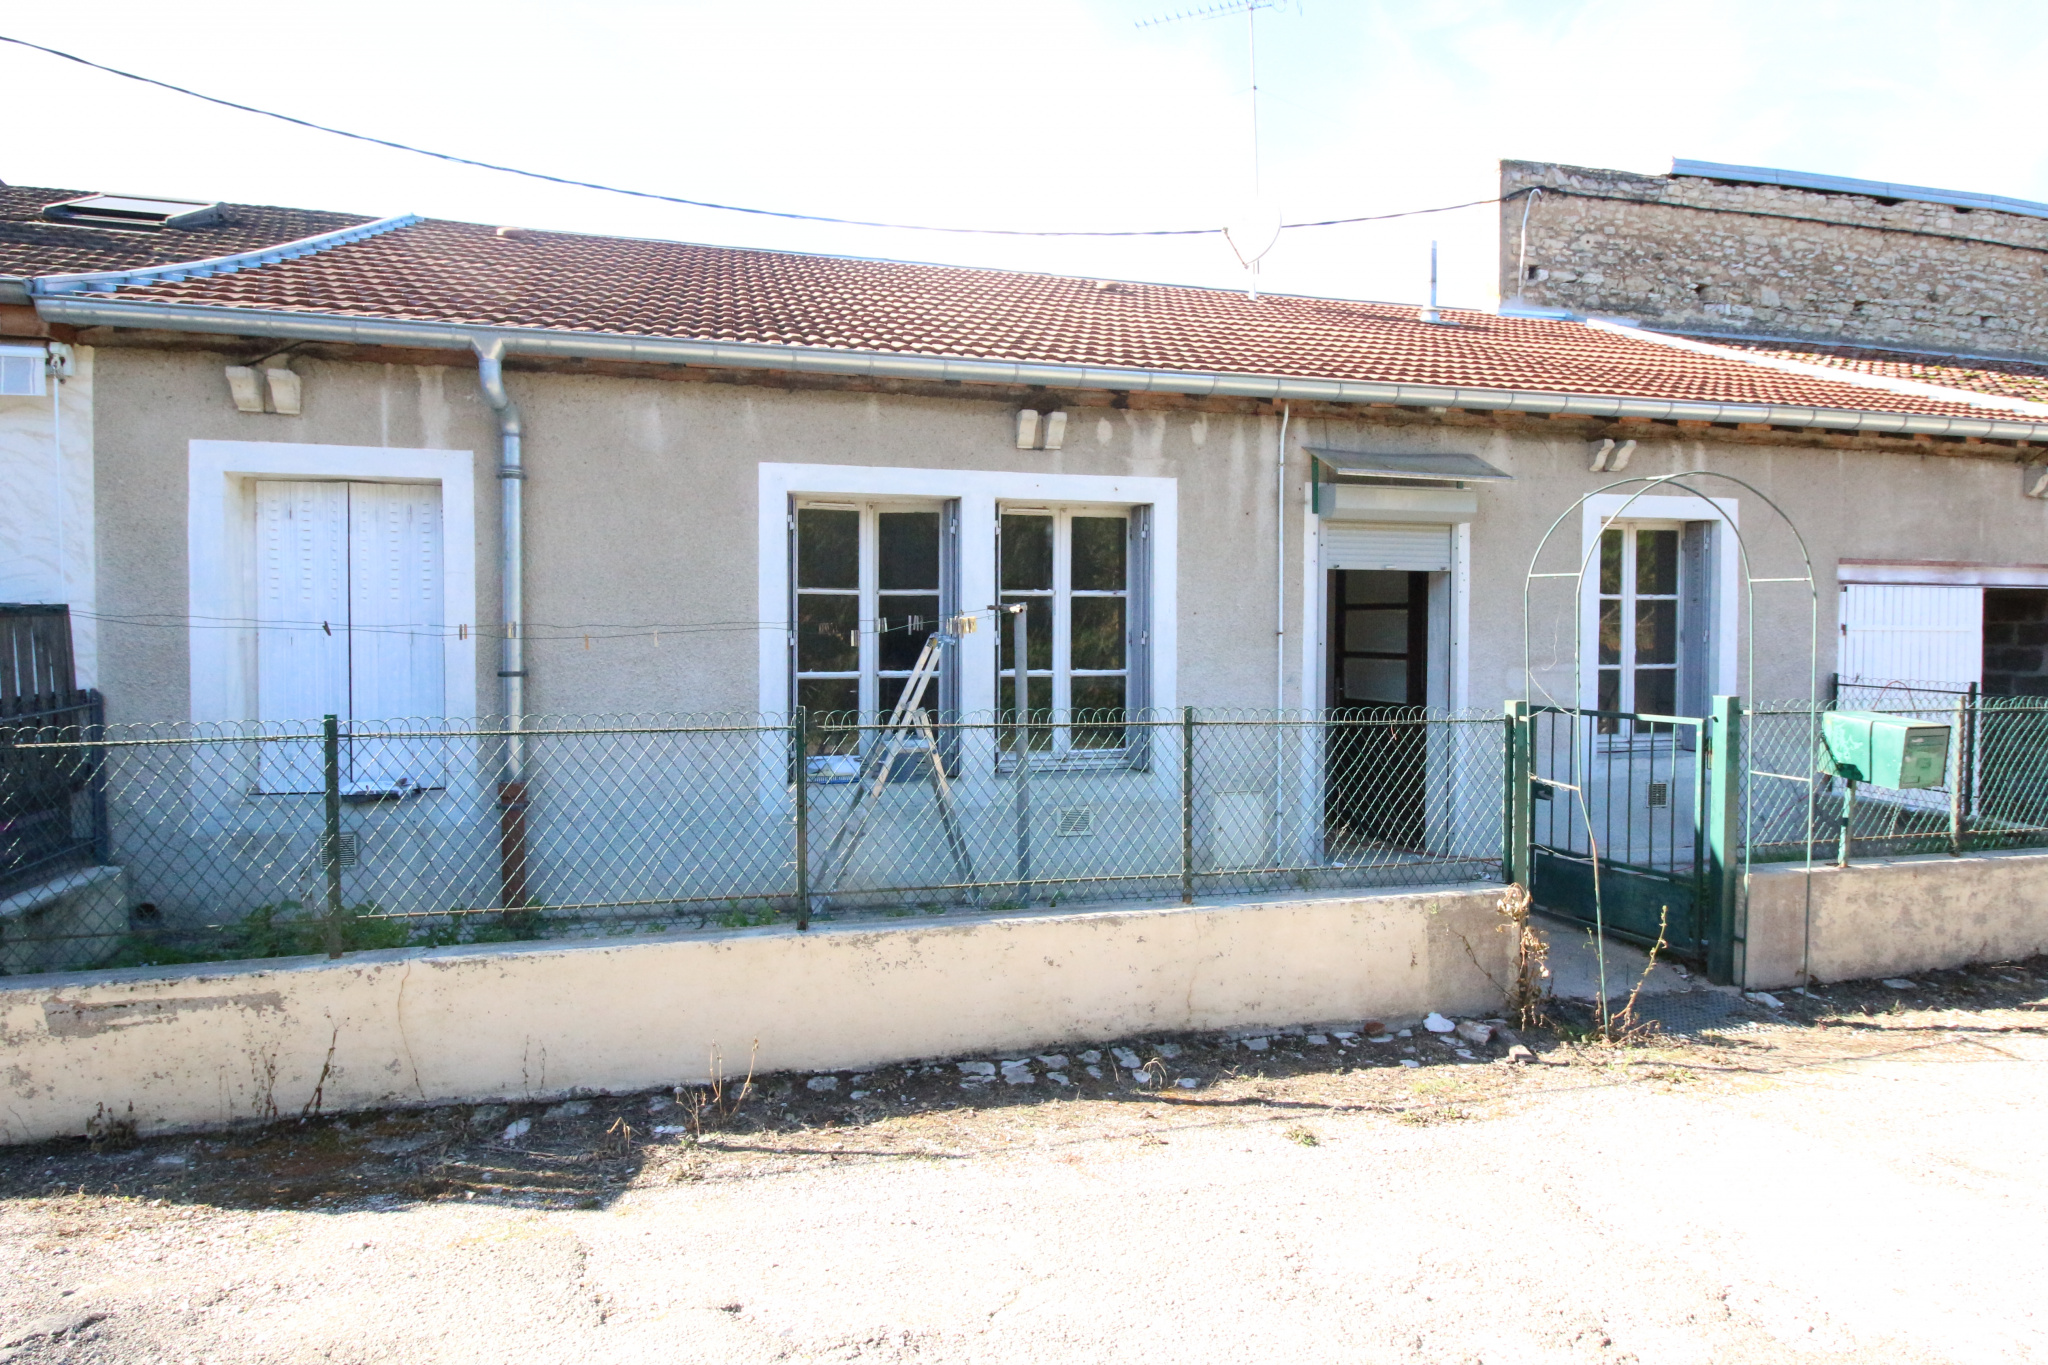 Vente maison/villa gray